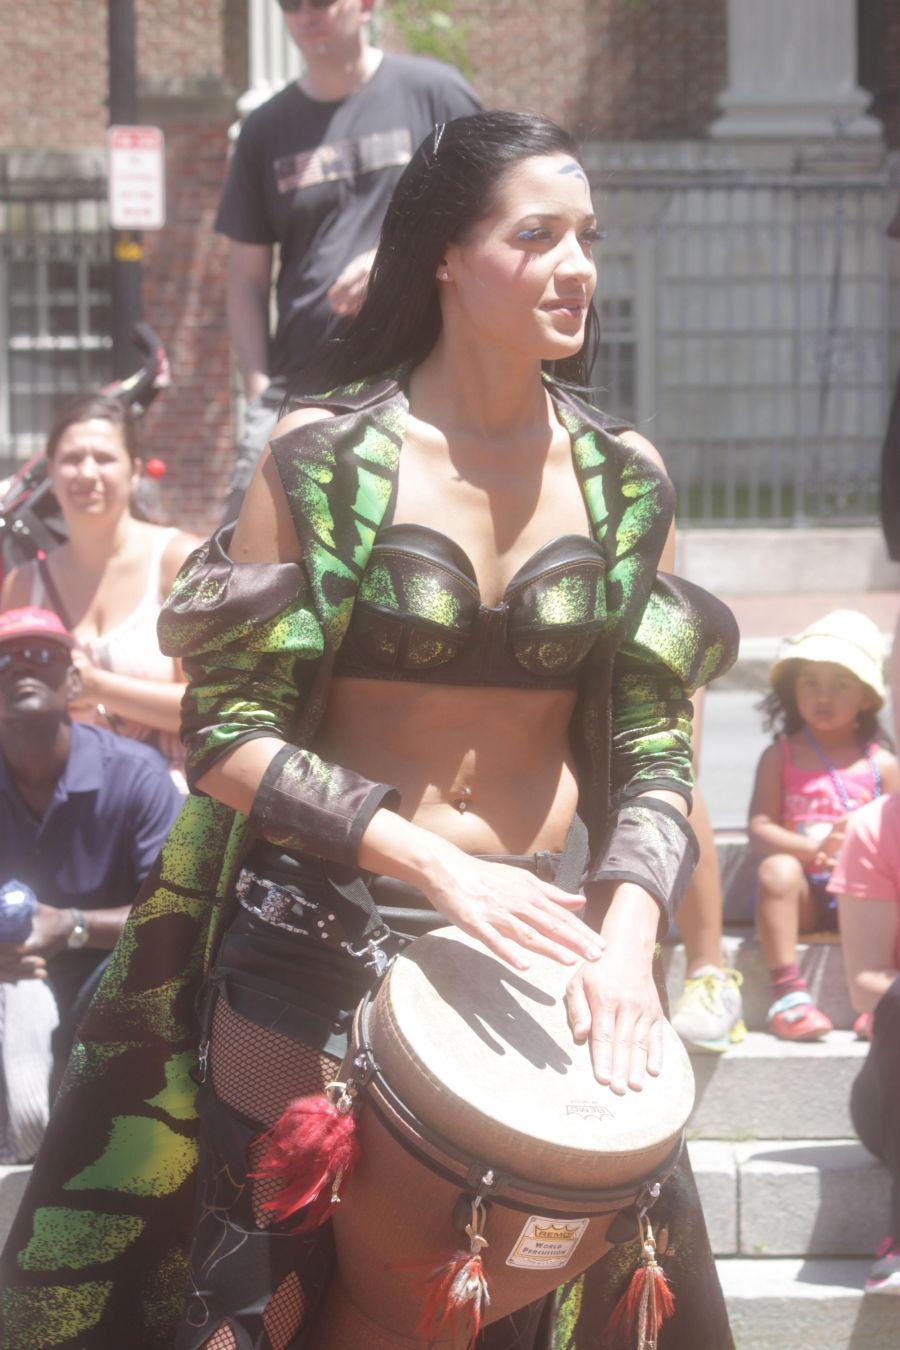 boston harvard square cirque du soleil performers 3